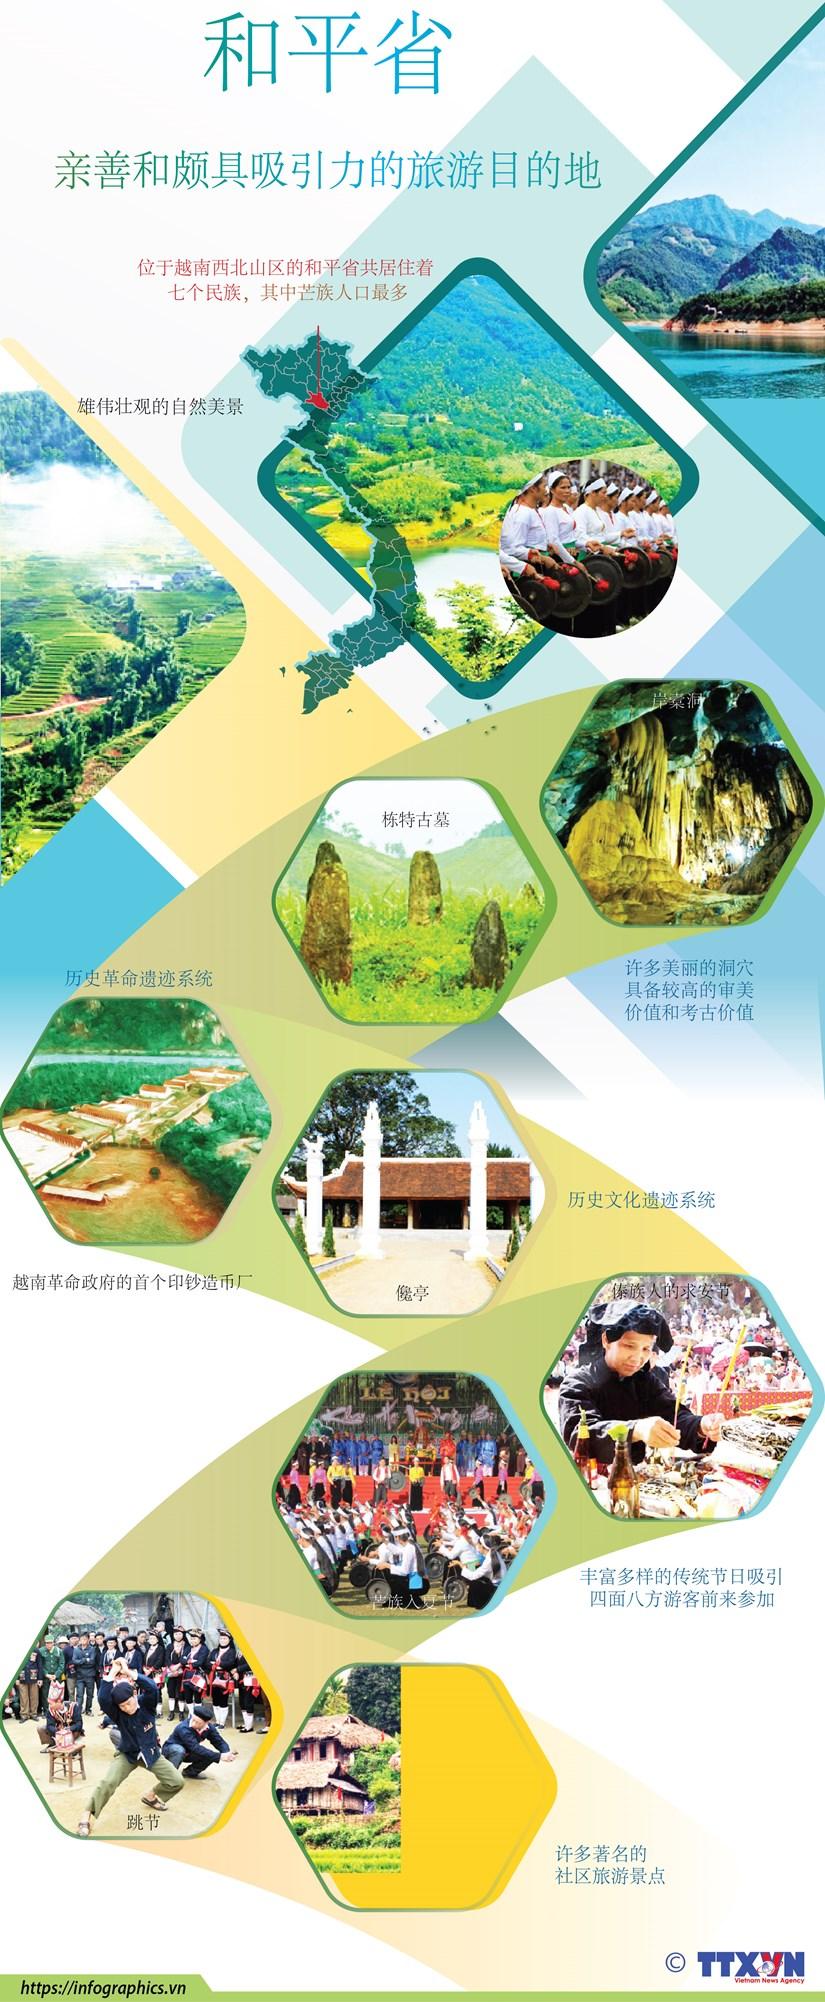 图表新闻:和平省——亲善和颇具吸引力的旅游目的地 hinh anh 1